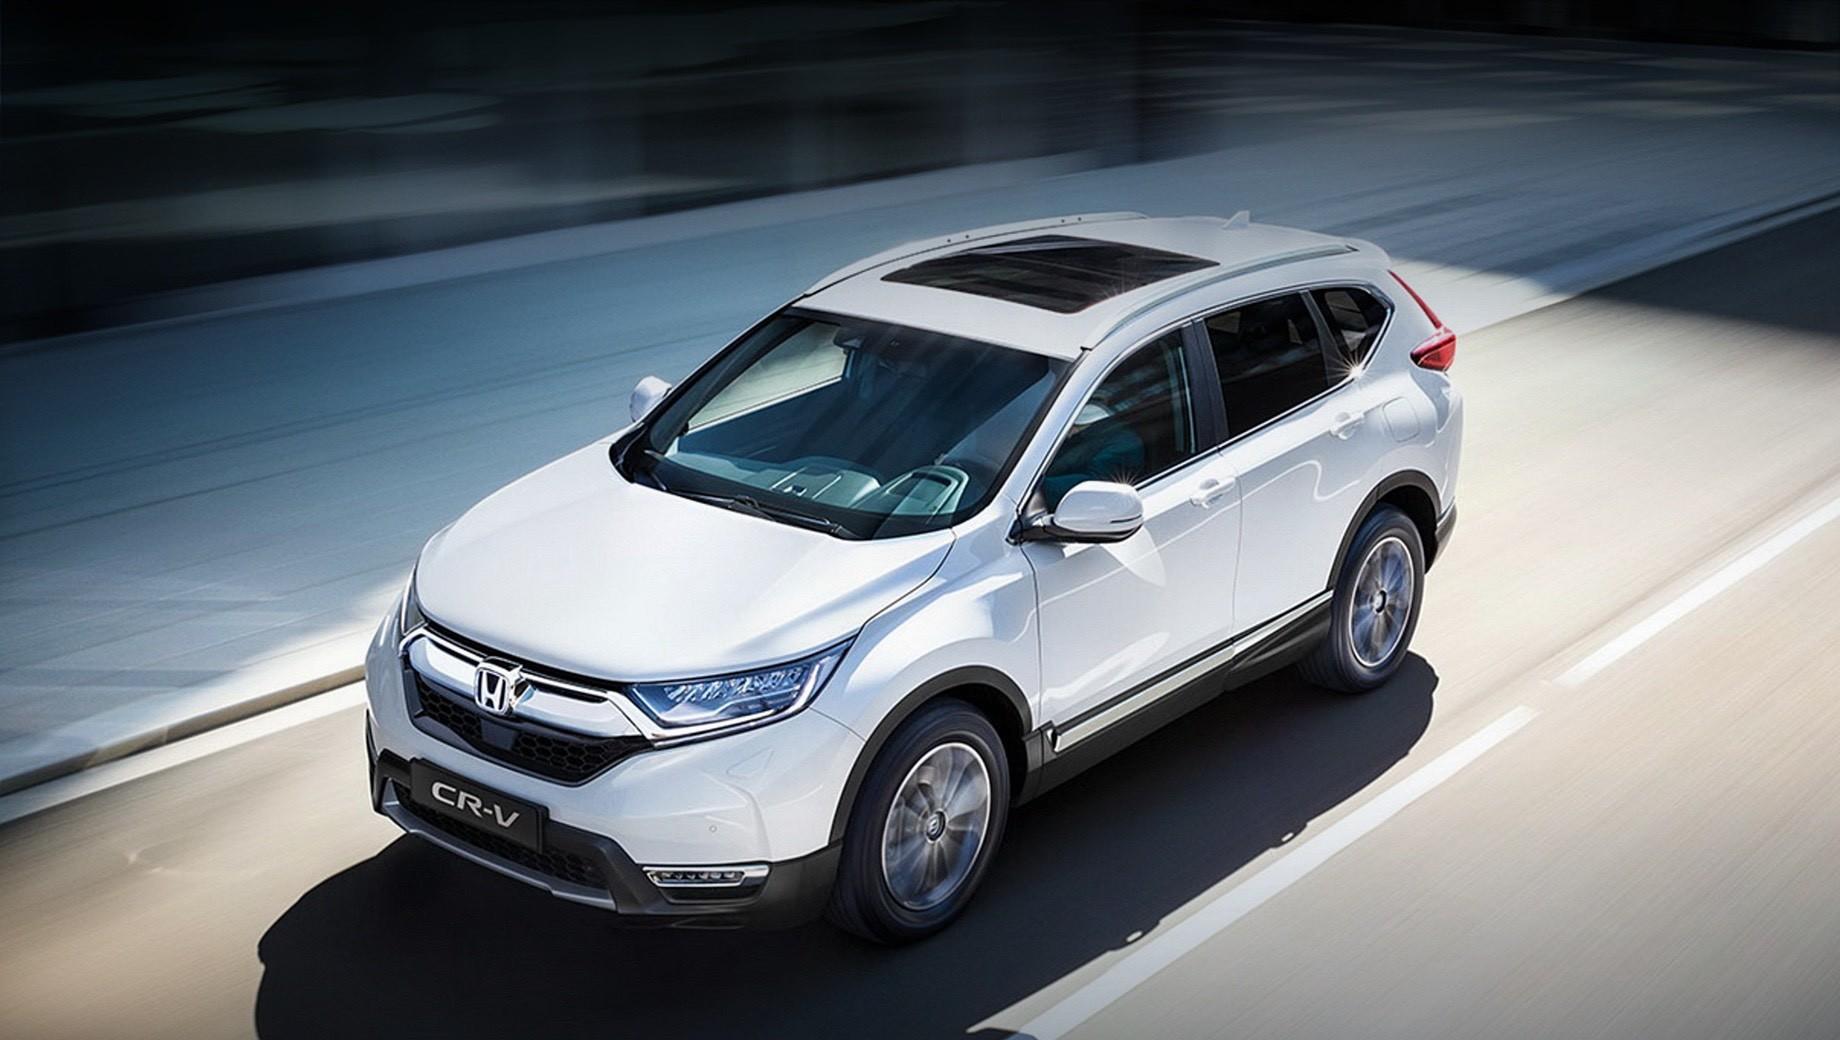 Honda cr-v,Honda e. В Англии гибридная Honda CR-V 2021 модельного года после обновления даже подешевеет — с 30 500 фунтов стерлингов до 30 180 (с 3,09 до 3,06 млн рублей). А для бензиновой версии с турбомотором 1.5 — 2020 модельный год окажется последним, и сейчас её можно купить за 27 270 фунтов (2,8 млн).